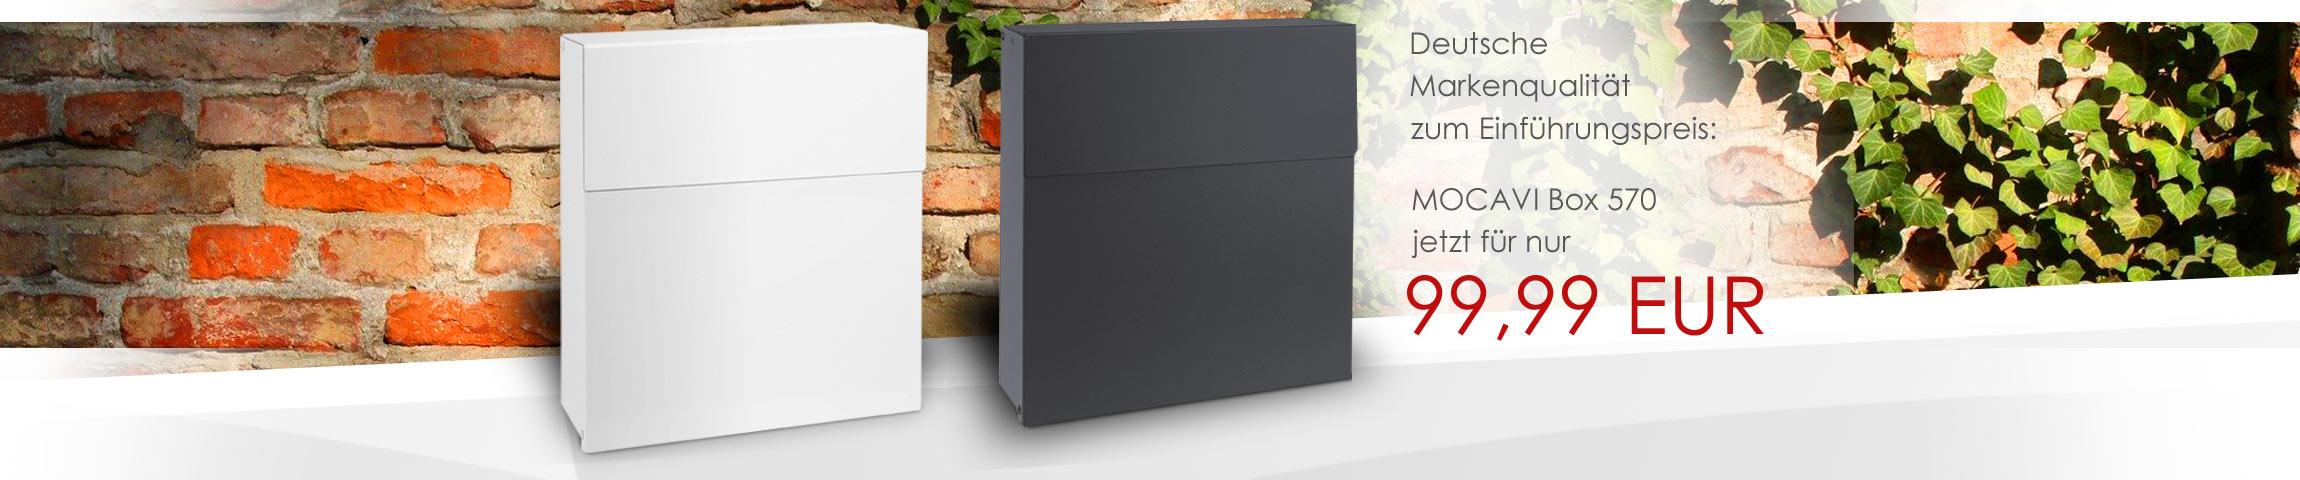 MOCAVI Box 570